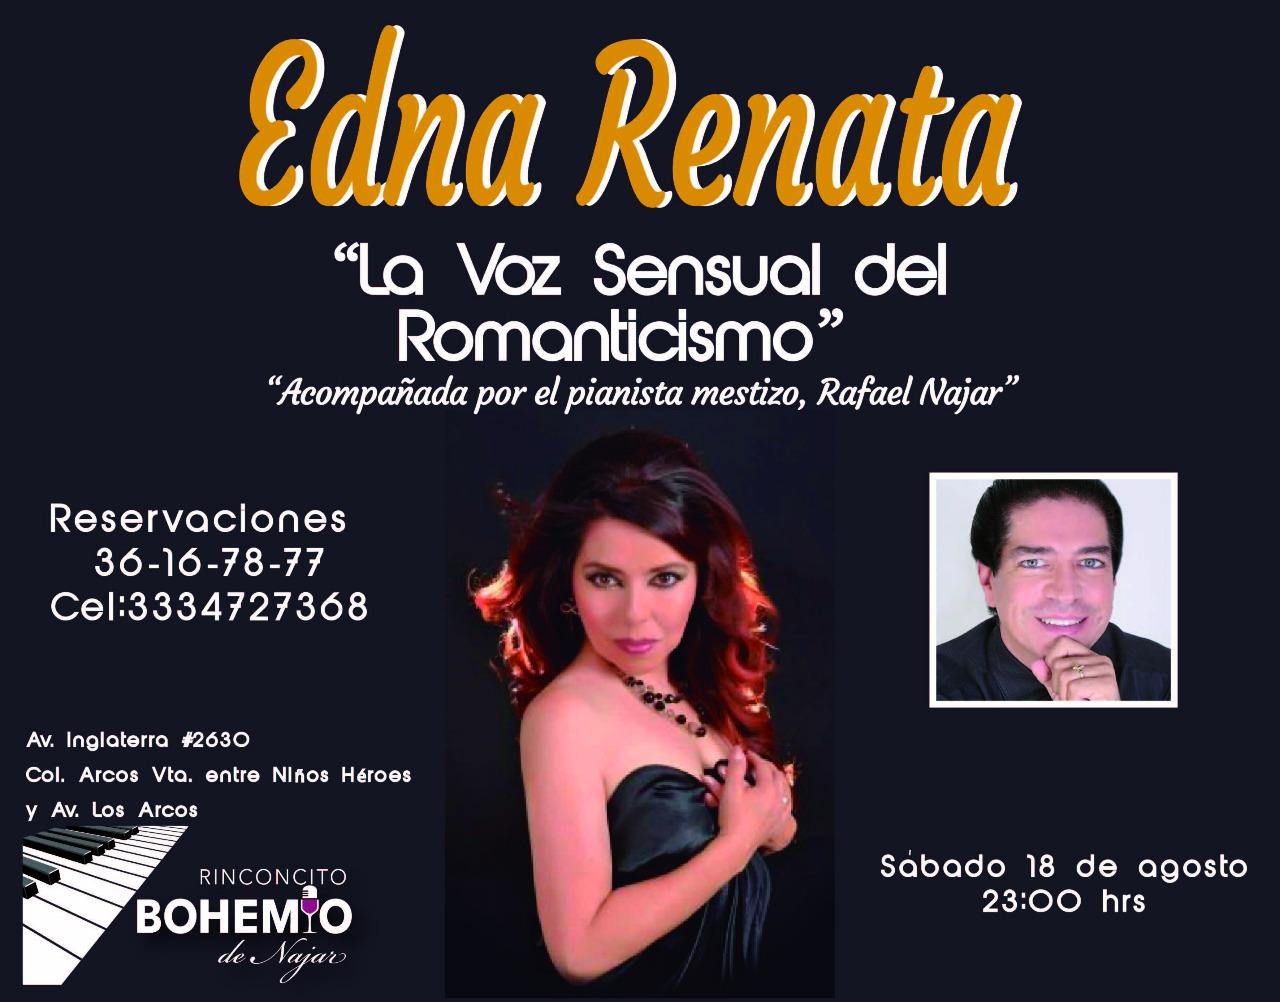 Edna Renata / Av. Inglaterra 2630